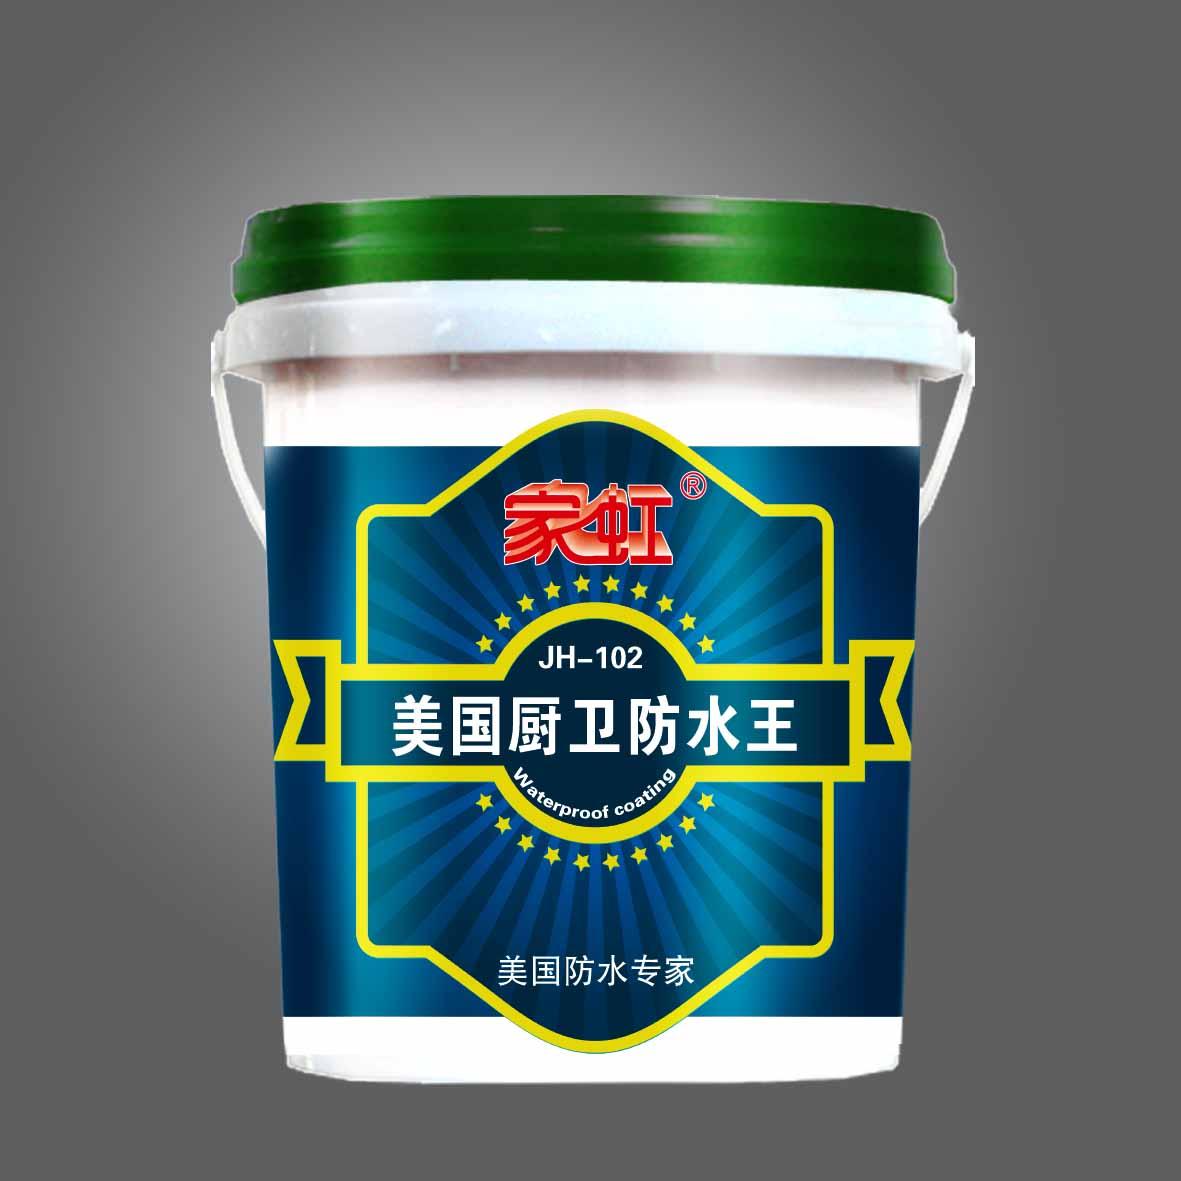 家虹 美国厨卫防水王 JH-102 产品图片